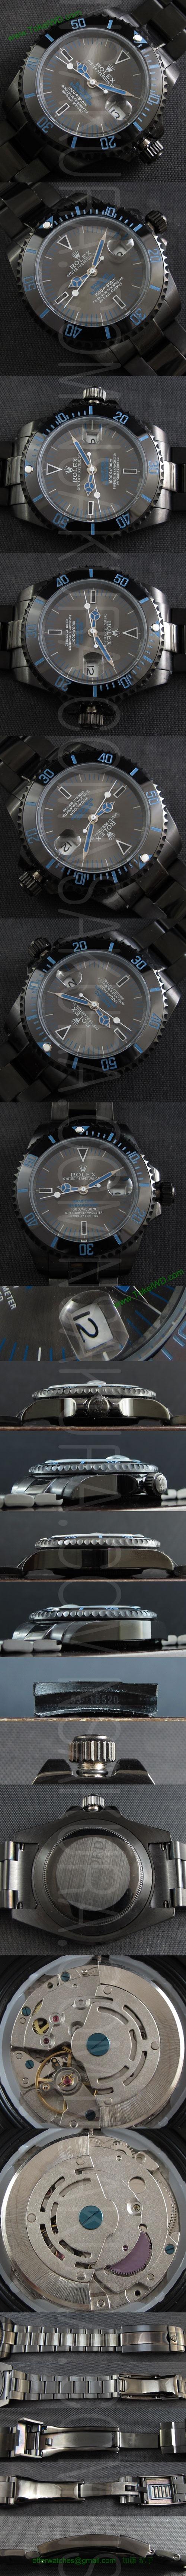 ロレックス 2015LSI3L490L コピー 時計